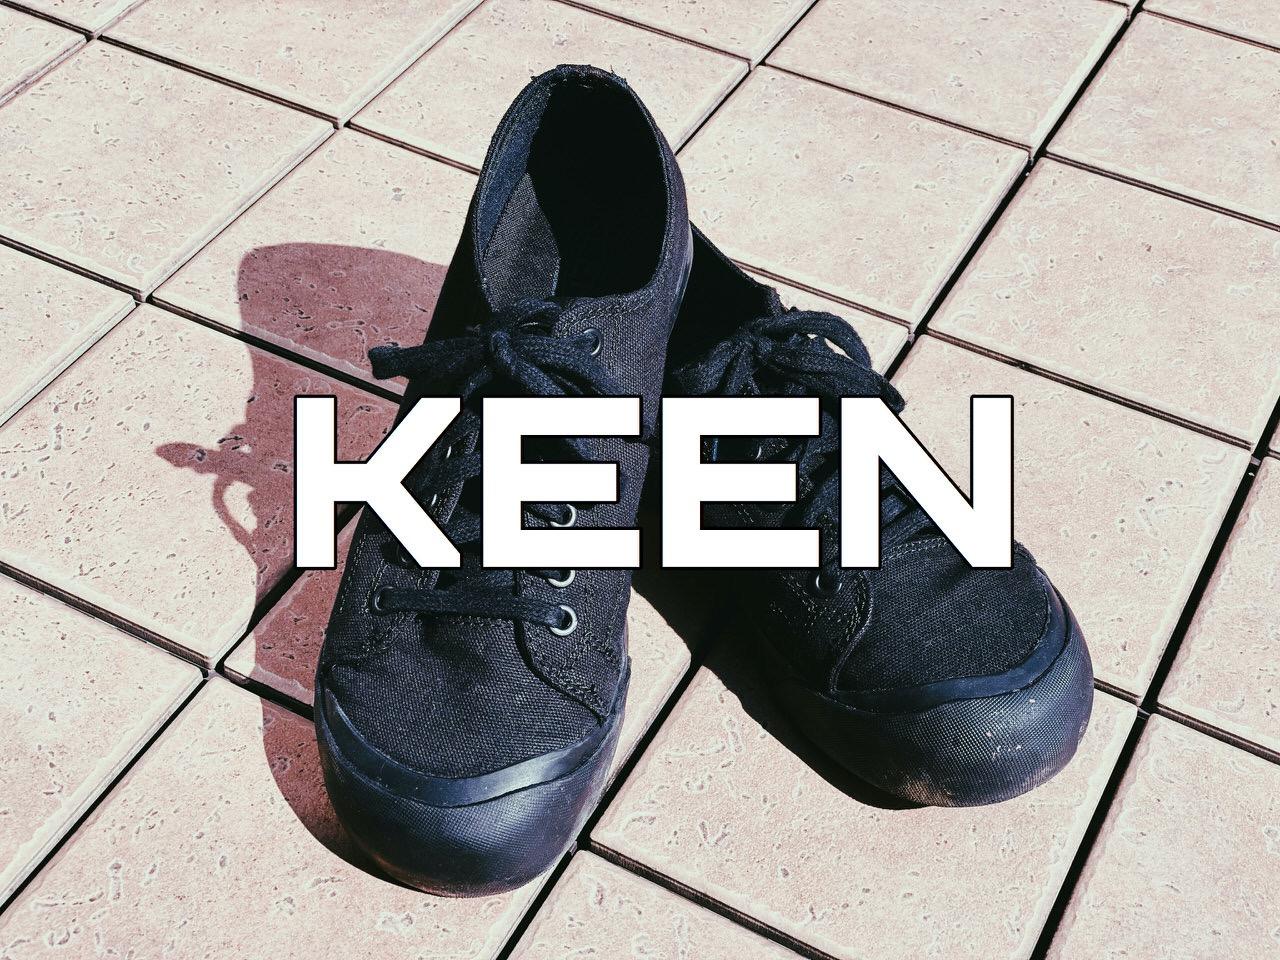 【KEEN】つま先が丸くて幅がたっぷりでレトロなキャンバススニーカー「コロナド III」を履いてみたオジさん #提供